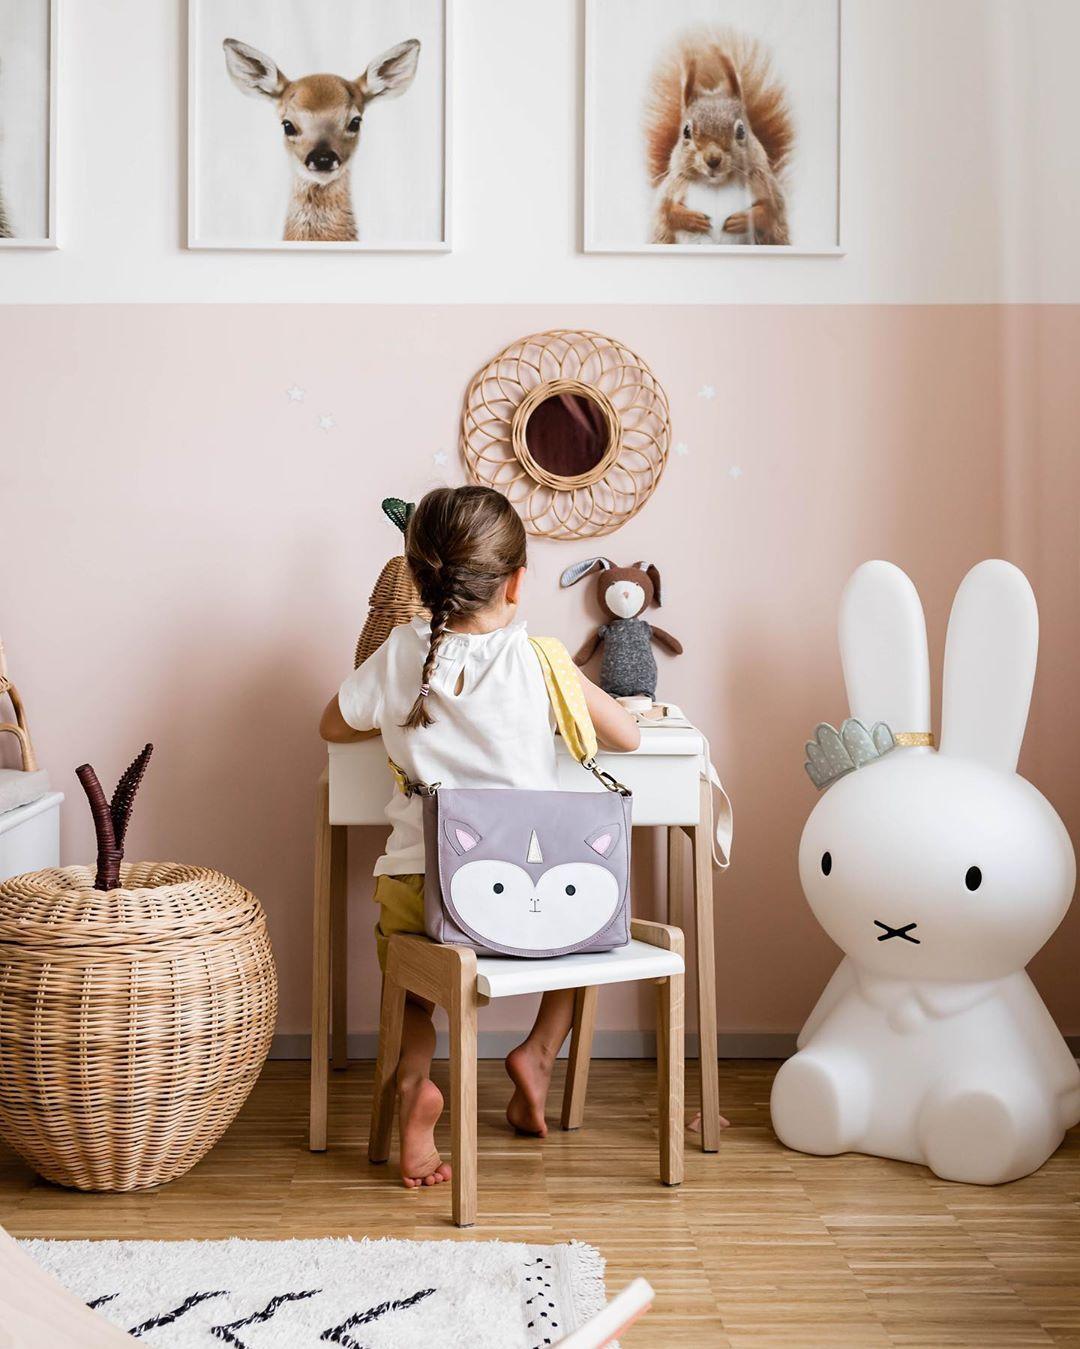 Miniundstil Kinderzimmer Madchenzimmer Kinderpult Miffy Lampe Kindergartentasche Apfel Rattankorb Kinderzimmer Kinder Zimmer Kinderzimmerdekoration